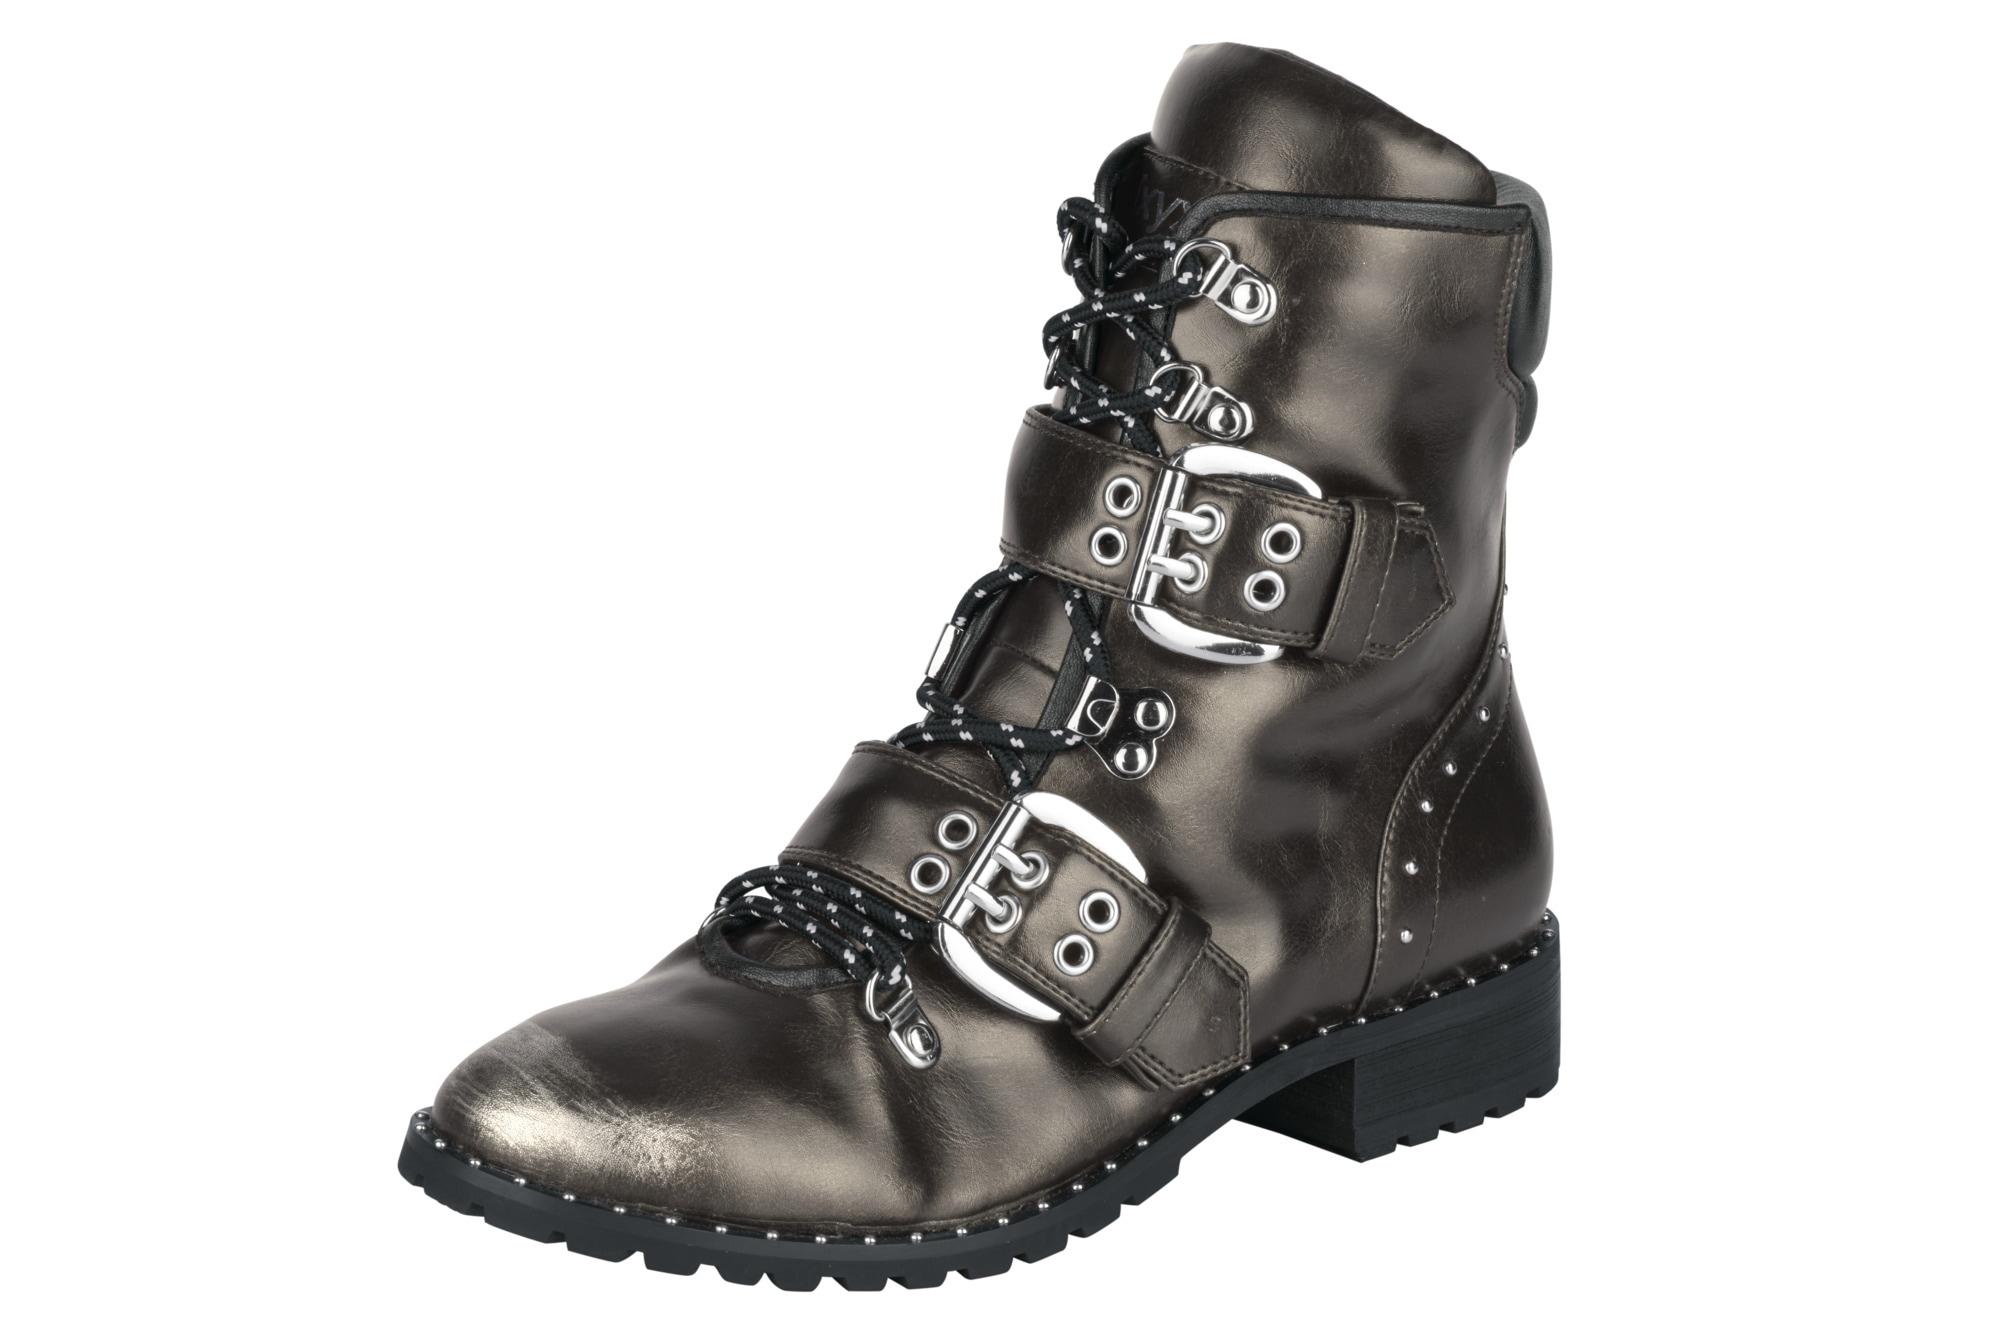 XYXYX NIeten Stiefelette mit Zierschnallen und NIeten XYXYX bequem online kaufen | Gutes Preis-Leistungs-Verhältnis, es lohnt sich e59465